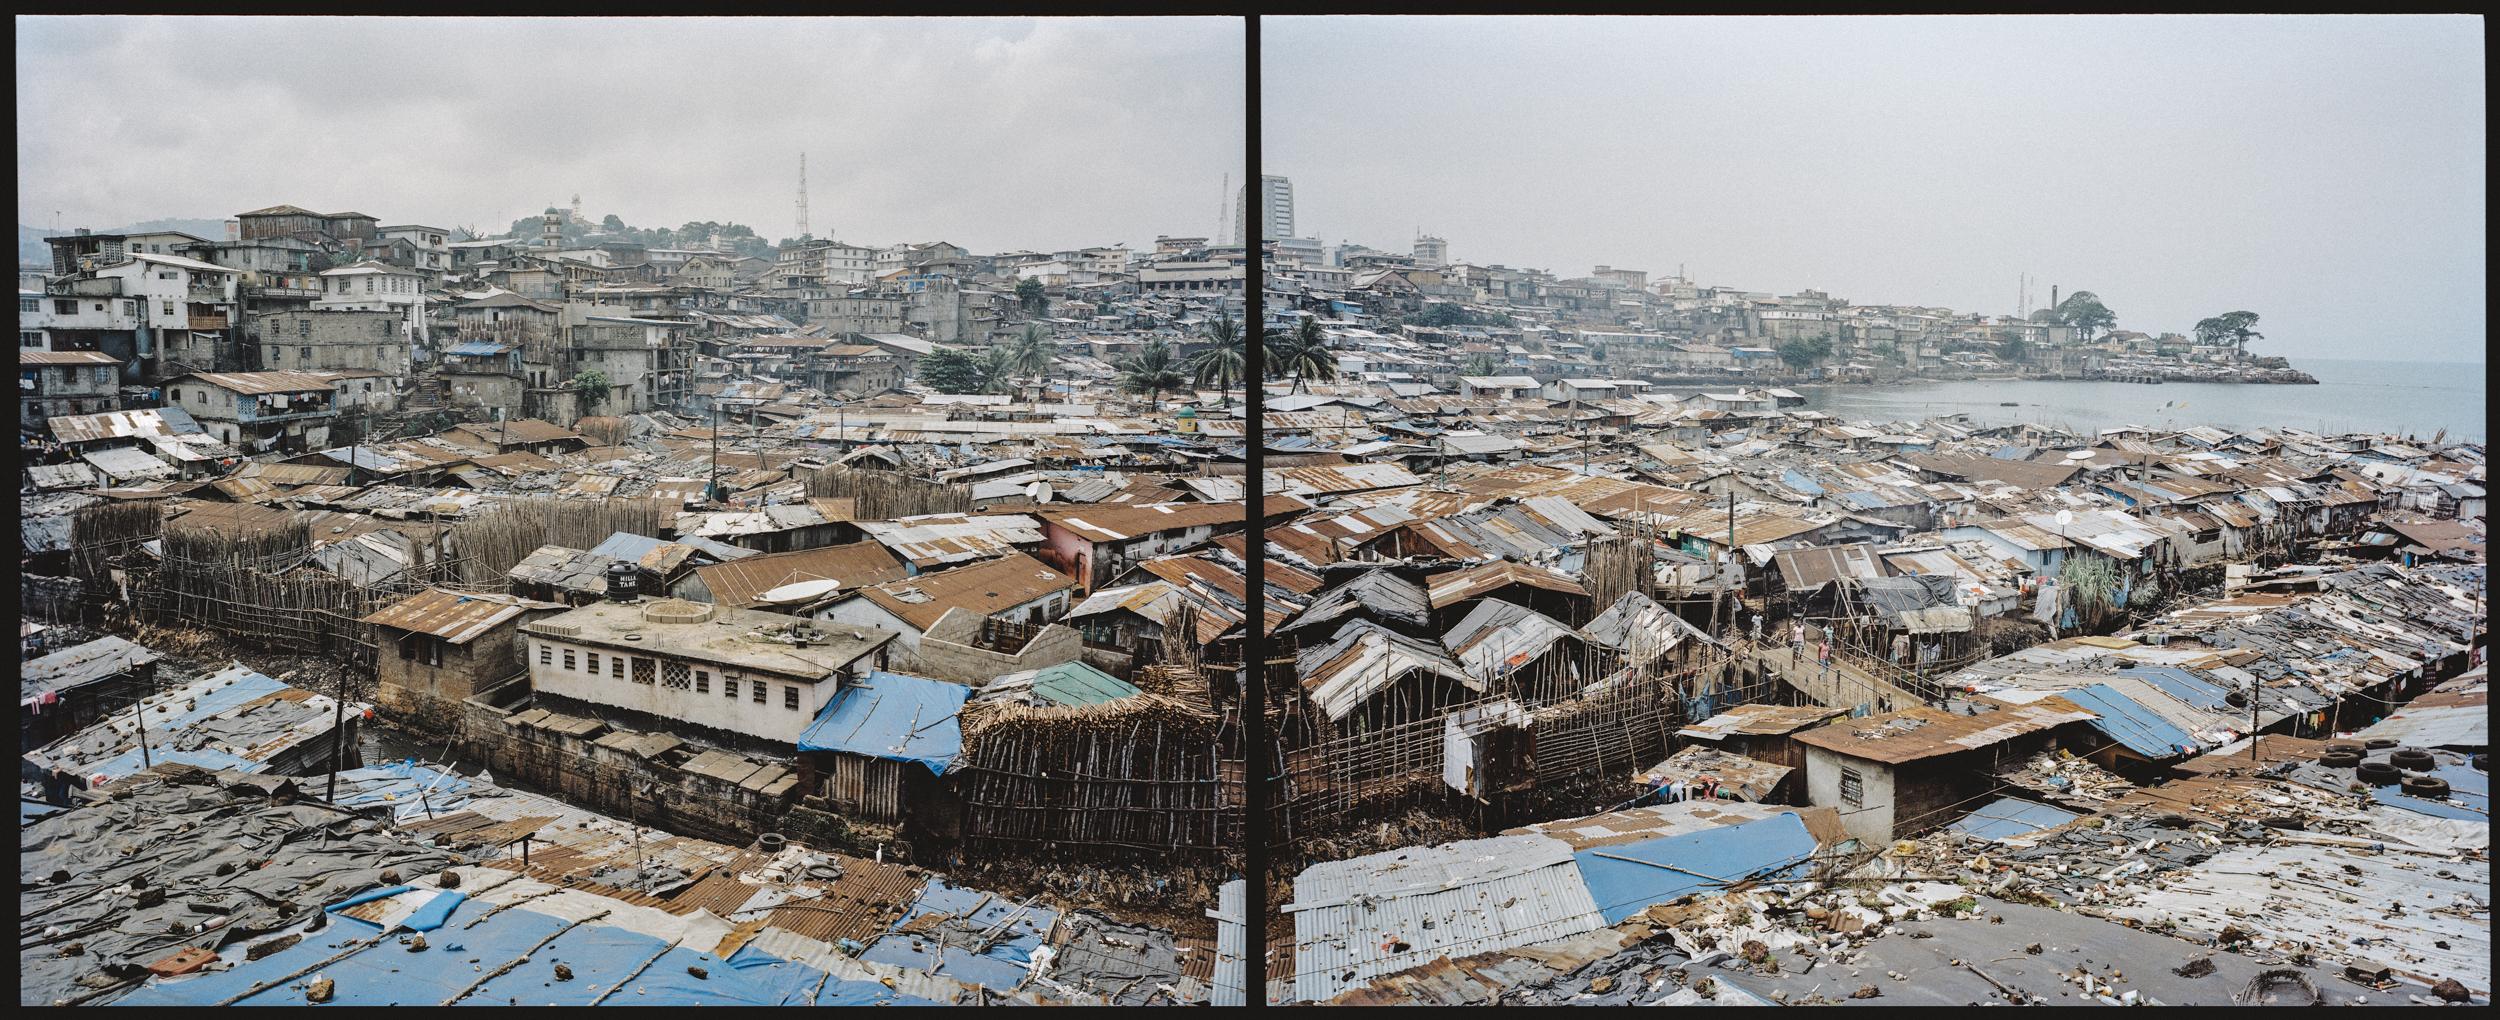 Kroo Bay. Freetown, Sierra Leone, 2012.